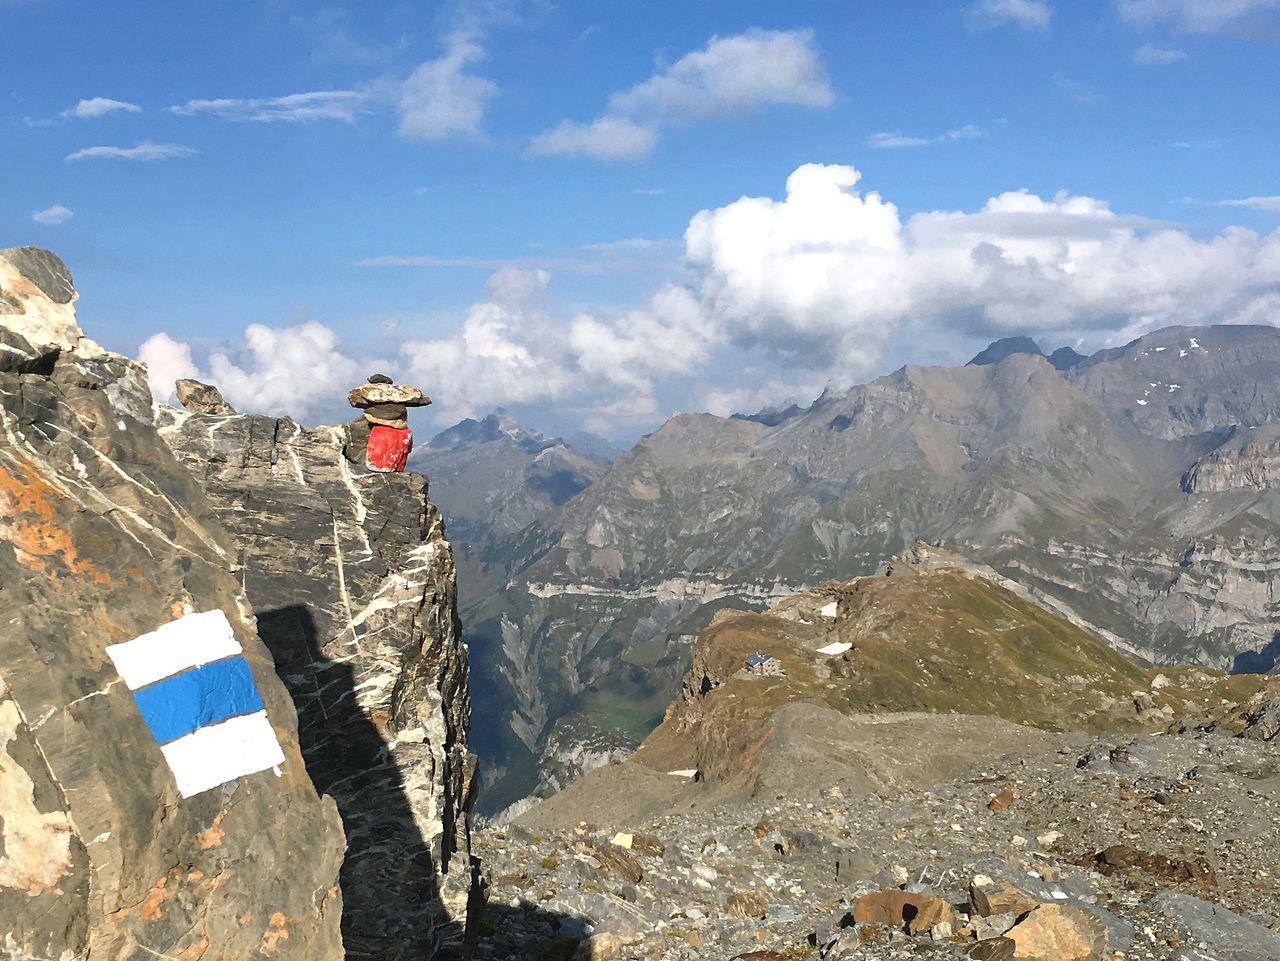 Via Glaralpina Etappe 08 – Gämsfairen - von der Wanderratte zum Gletscherfloh